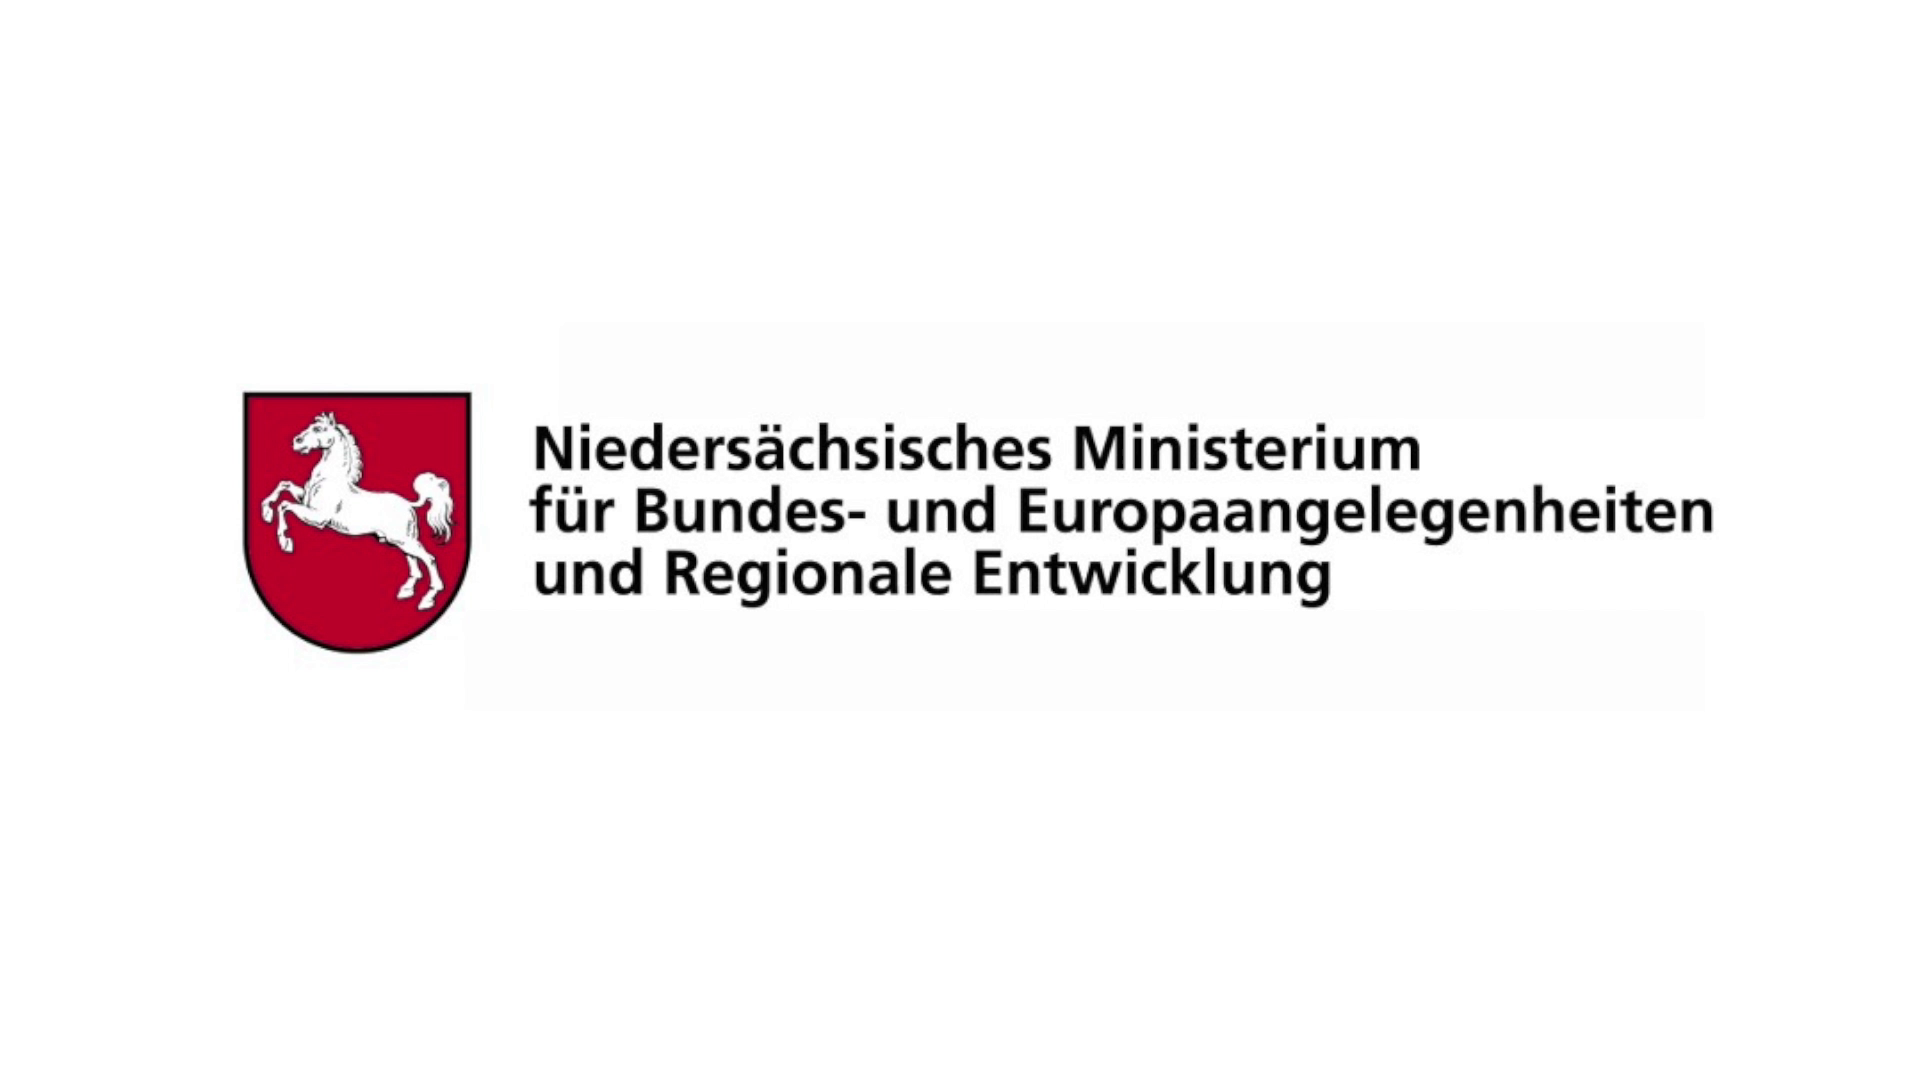 Ministerium für Bundes- und Europaangelegenheiten